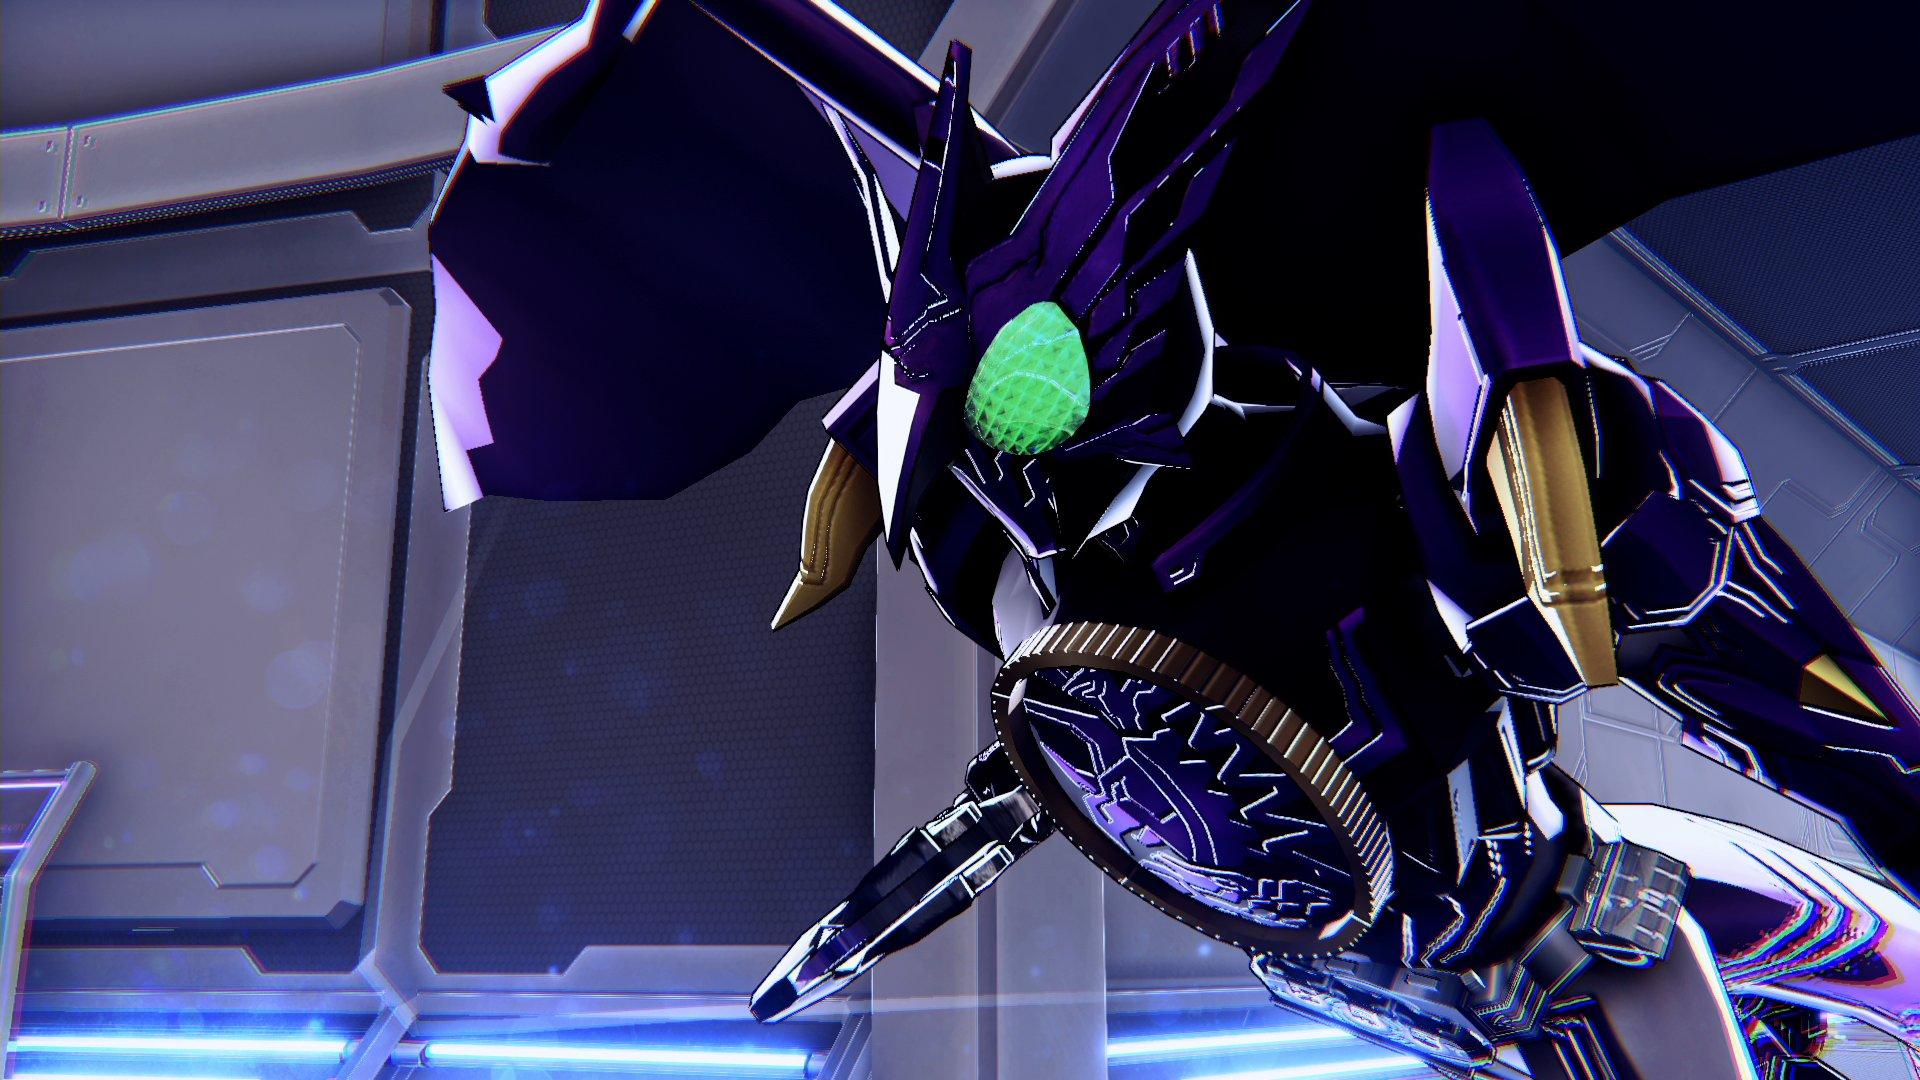 《假面骑士:英雄寻忆》最新特技展示 PuToTyra联组威力惊人